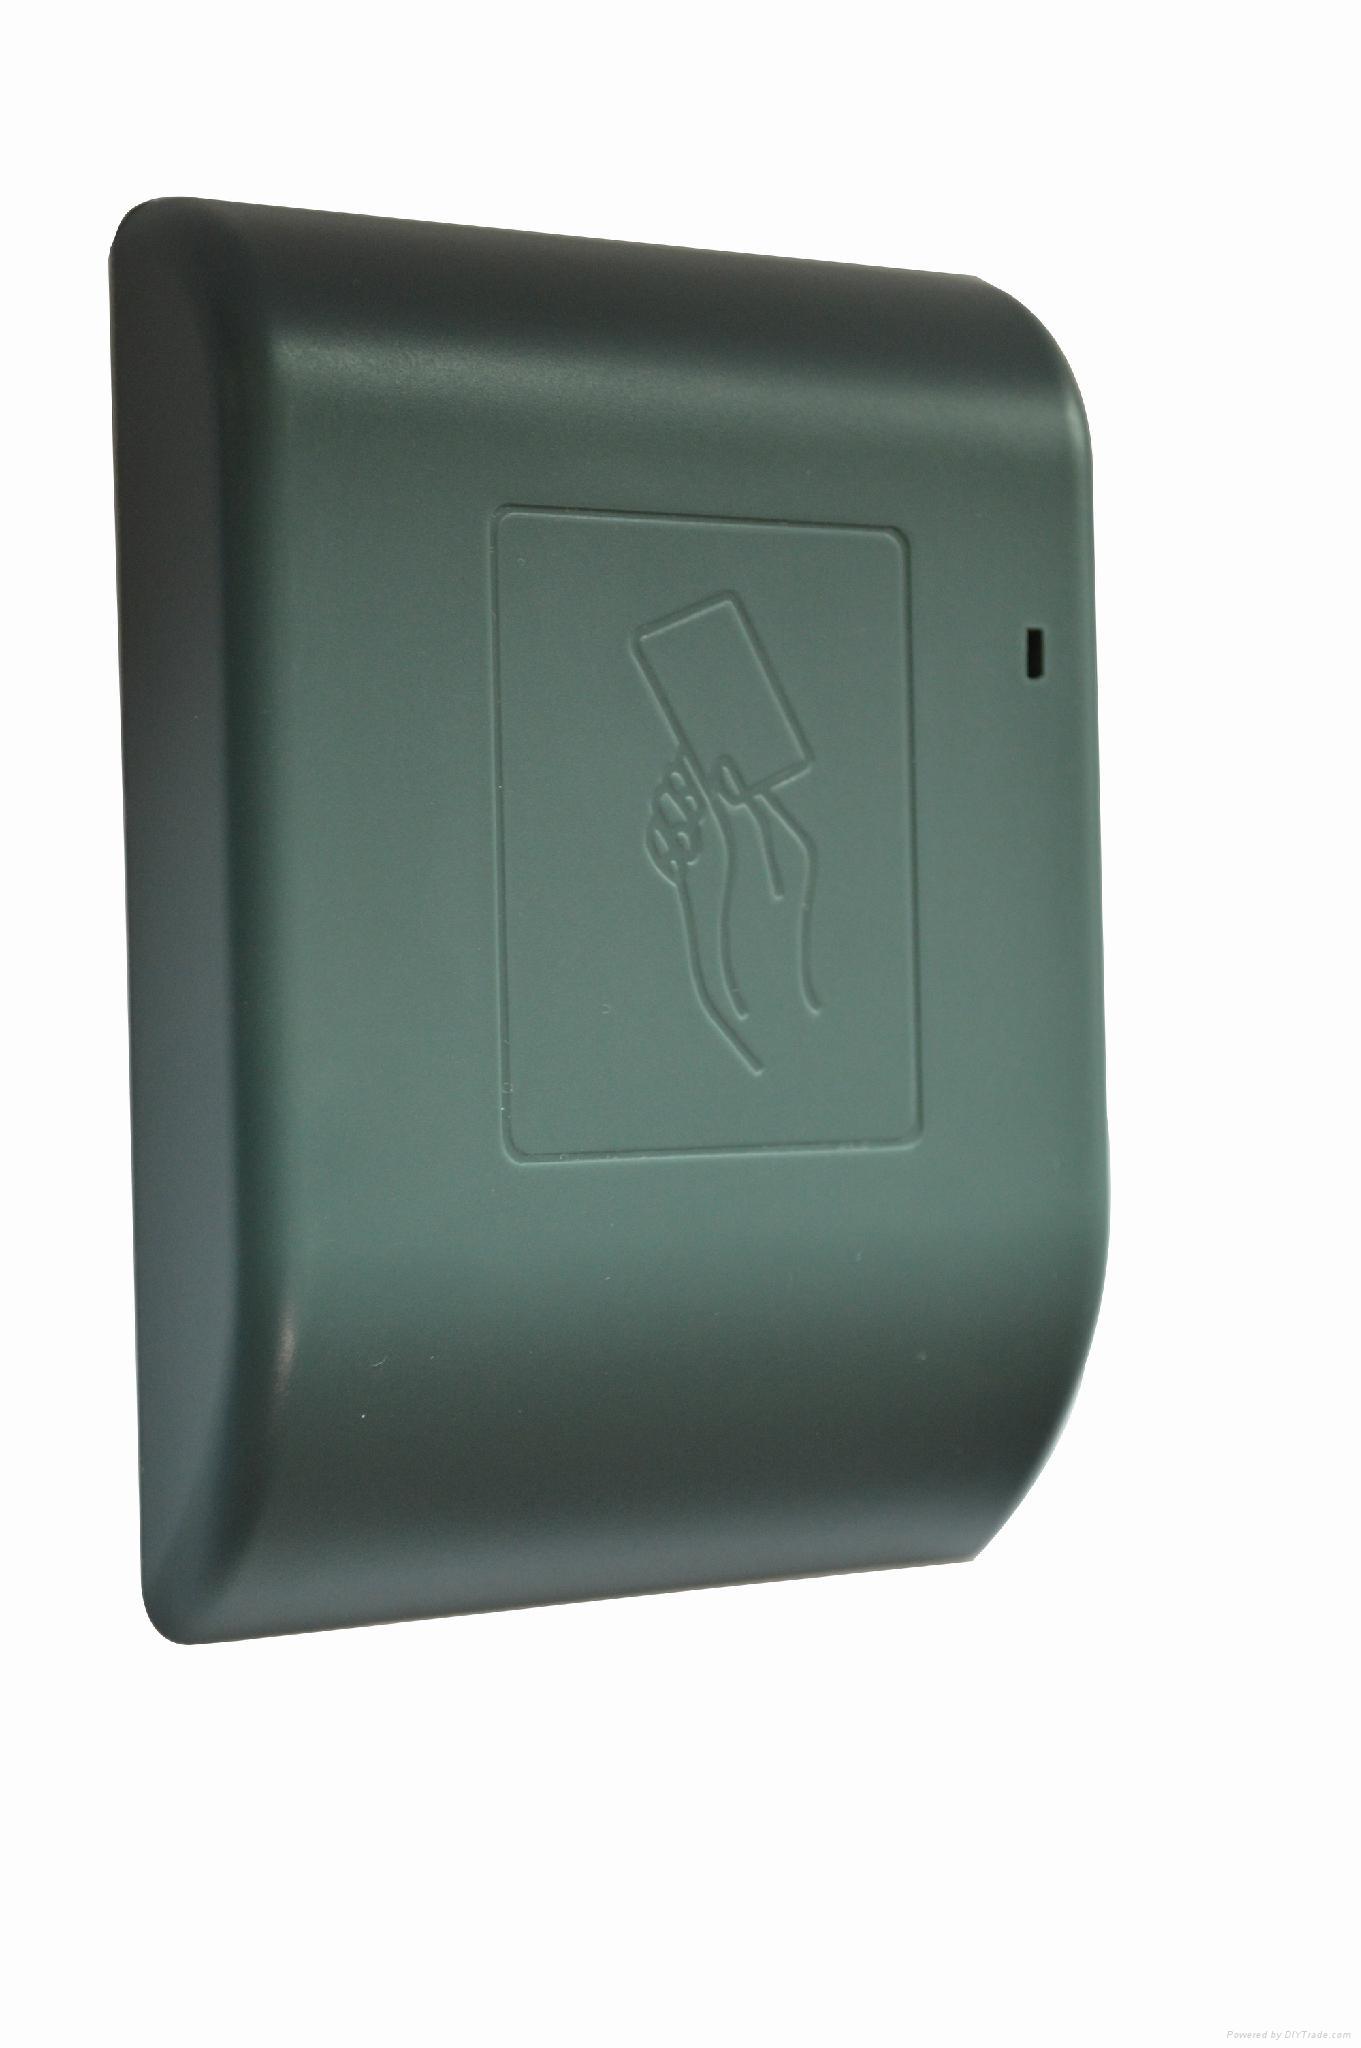 台鼎 TD-PB04 2.4G桌面發卡器  3